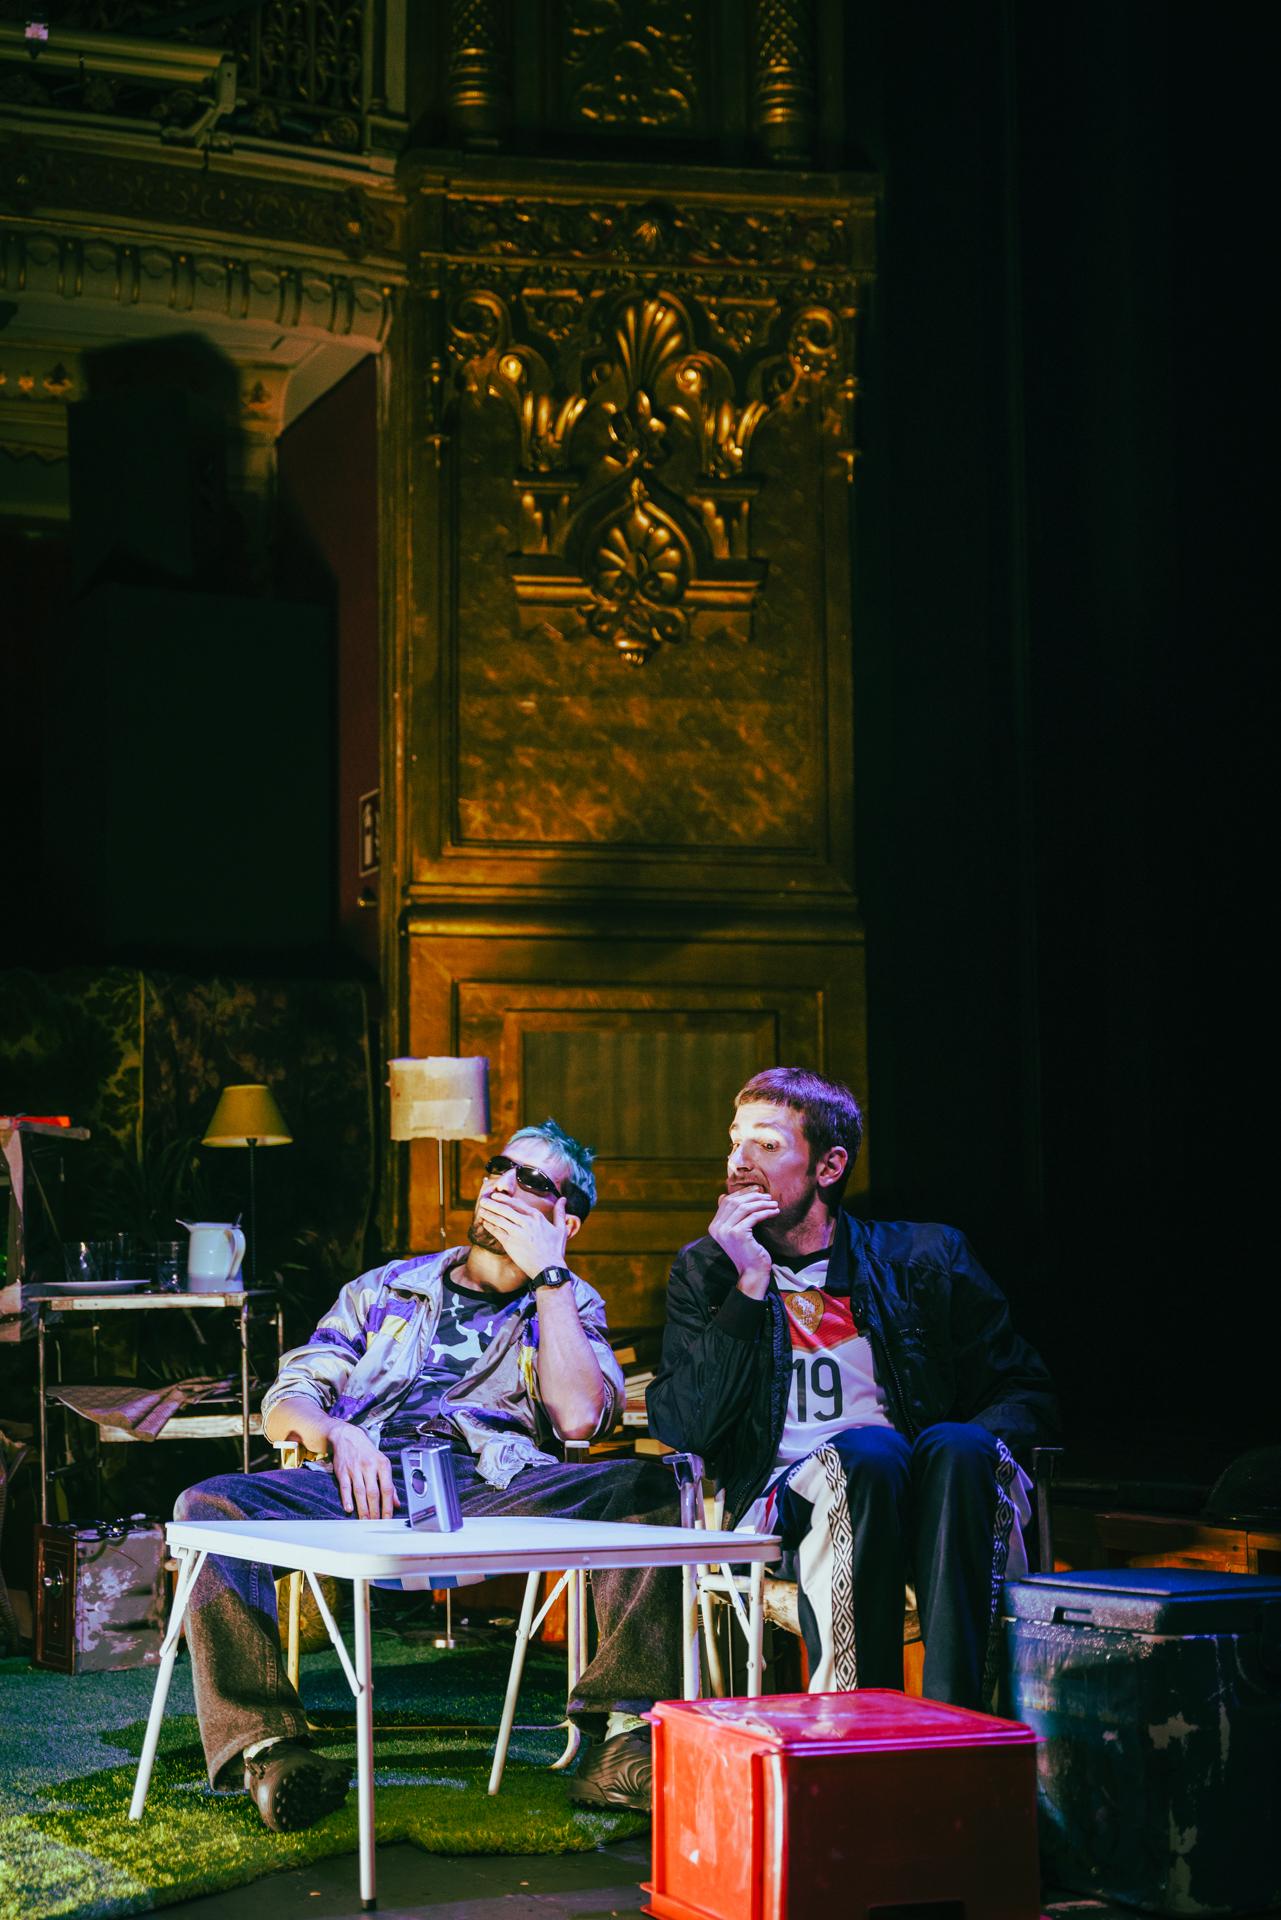 Atraco, paliza y muerte en Agbanäspach, crítica teatral